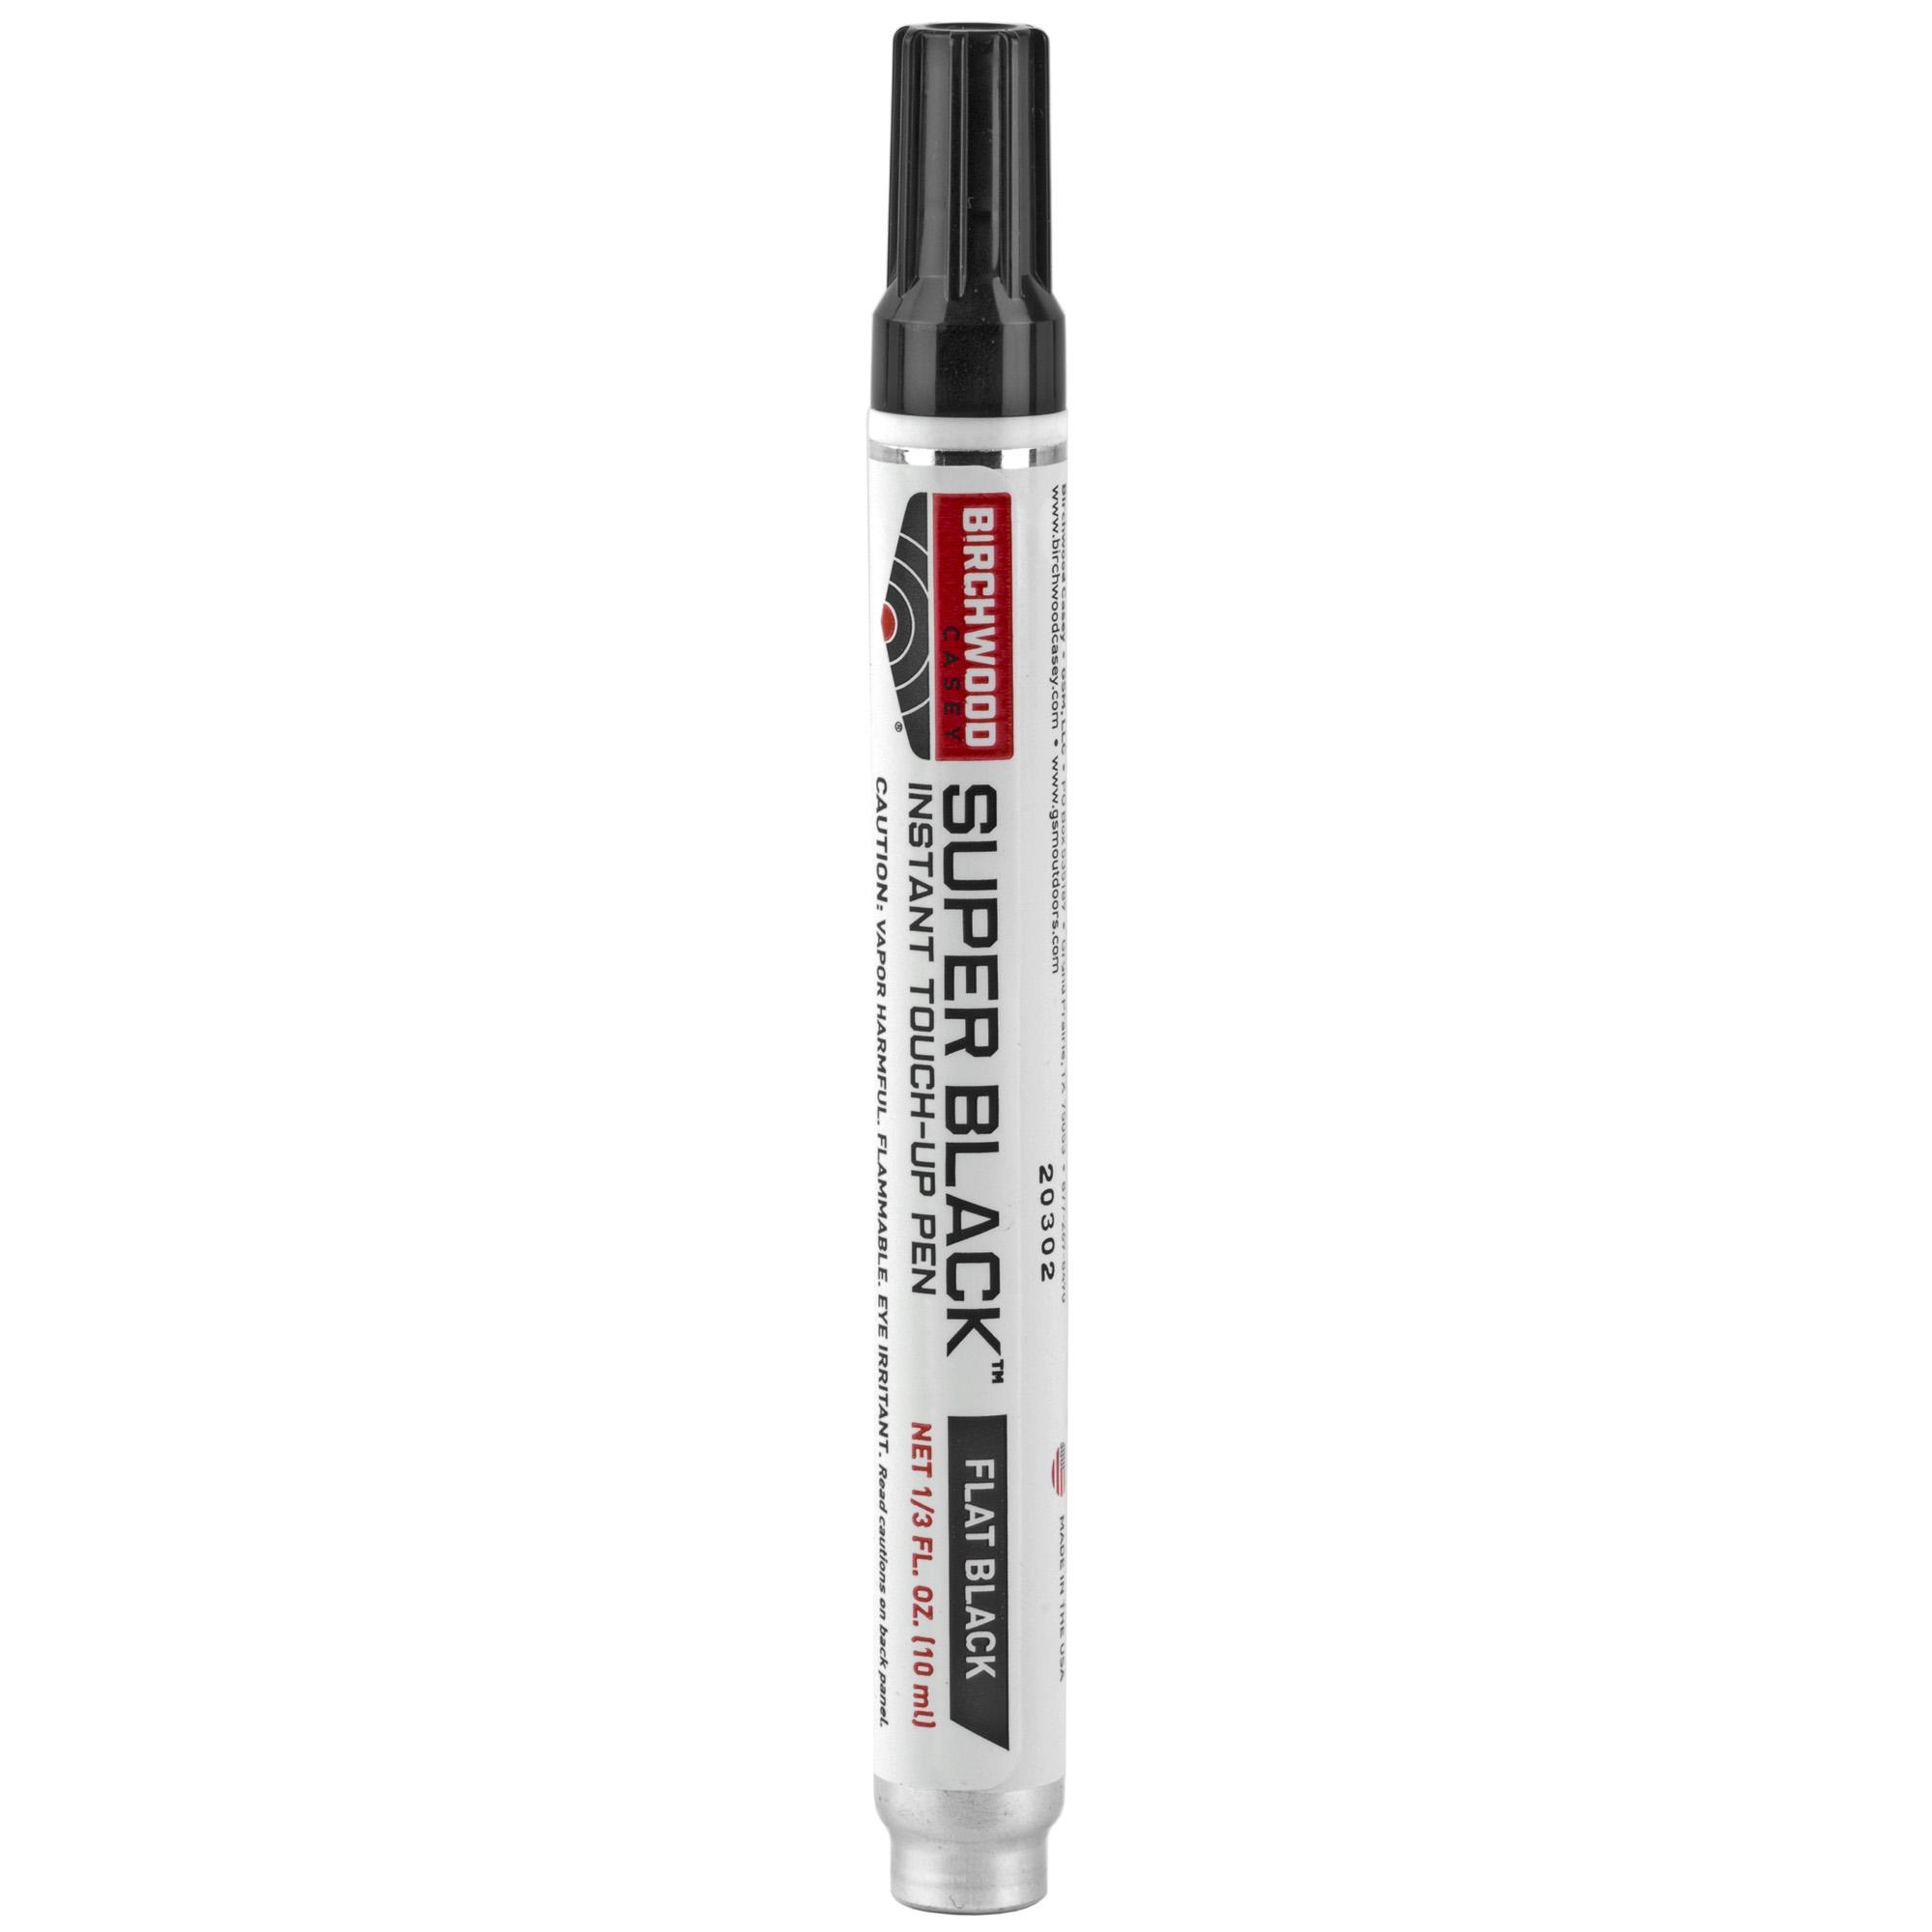 B/c Super Black Touch Up Pen Flat Bl